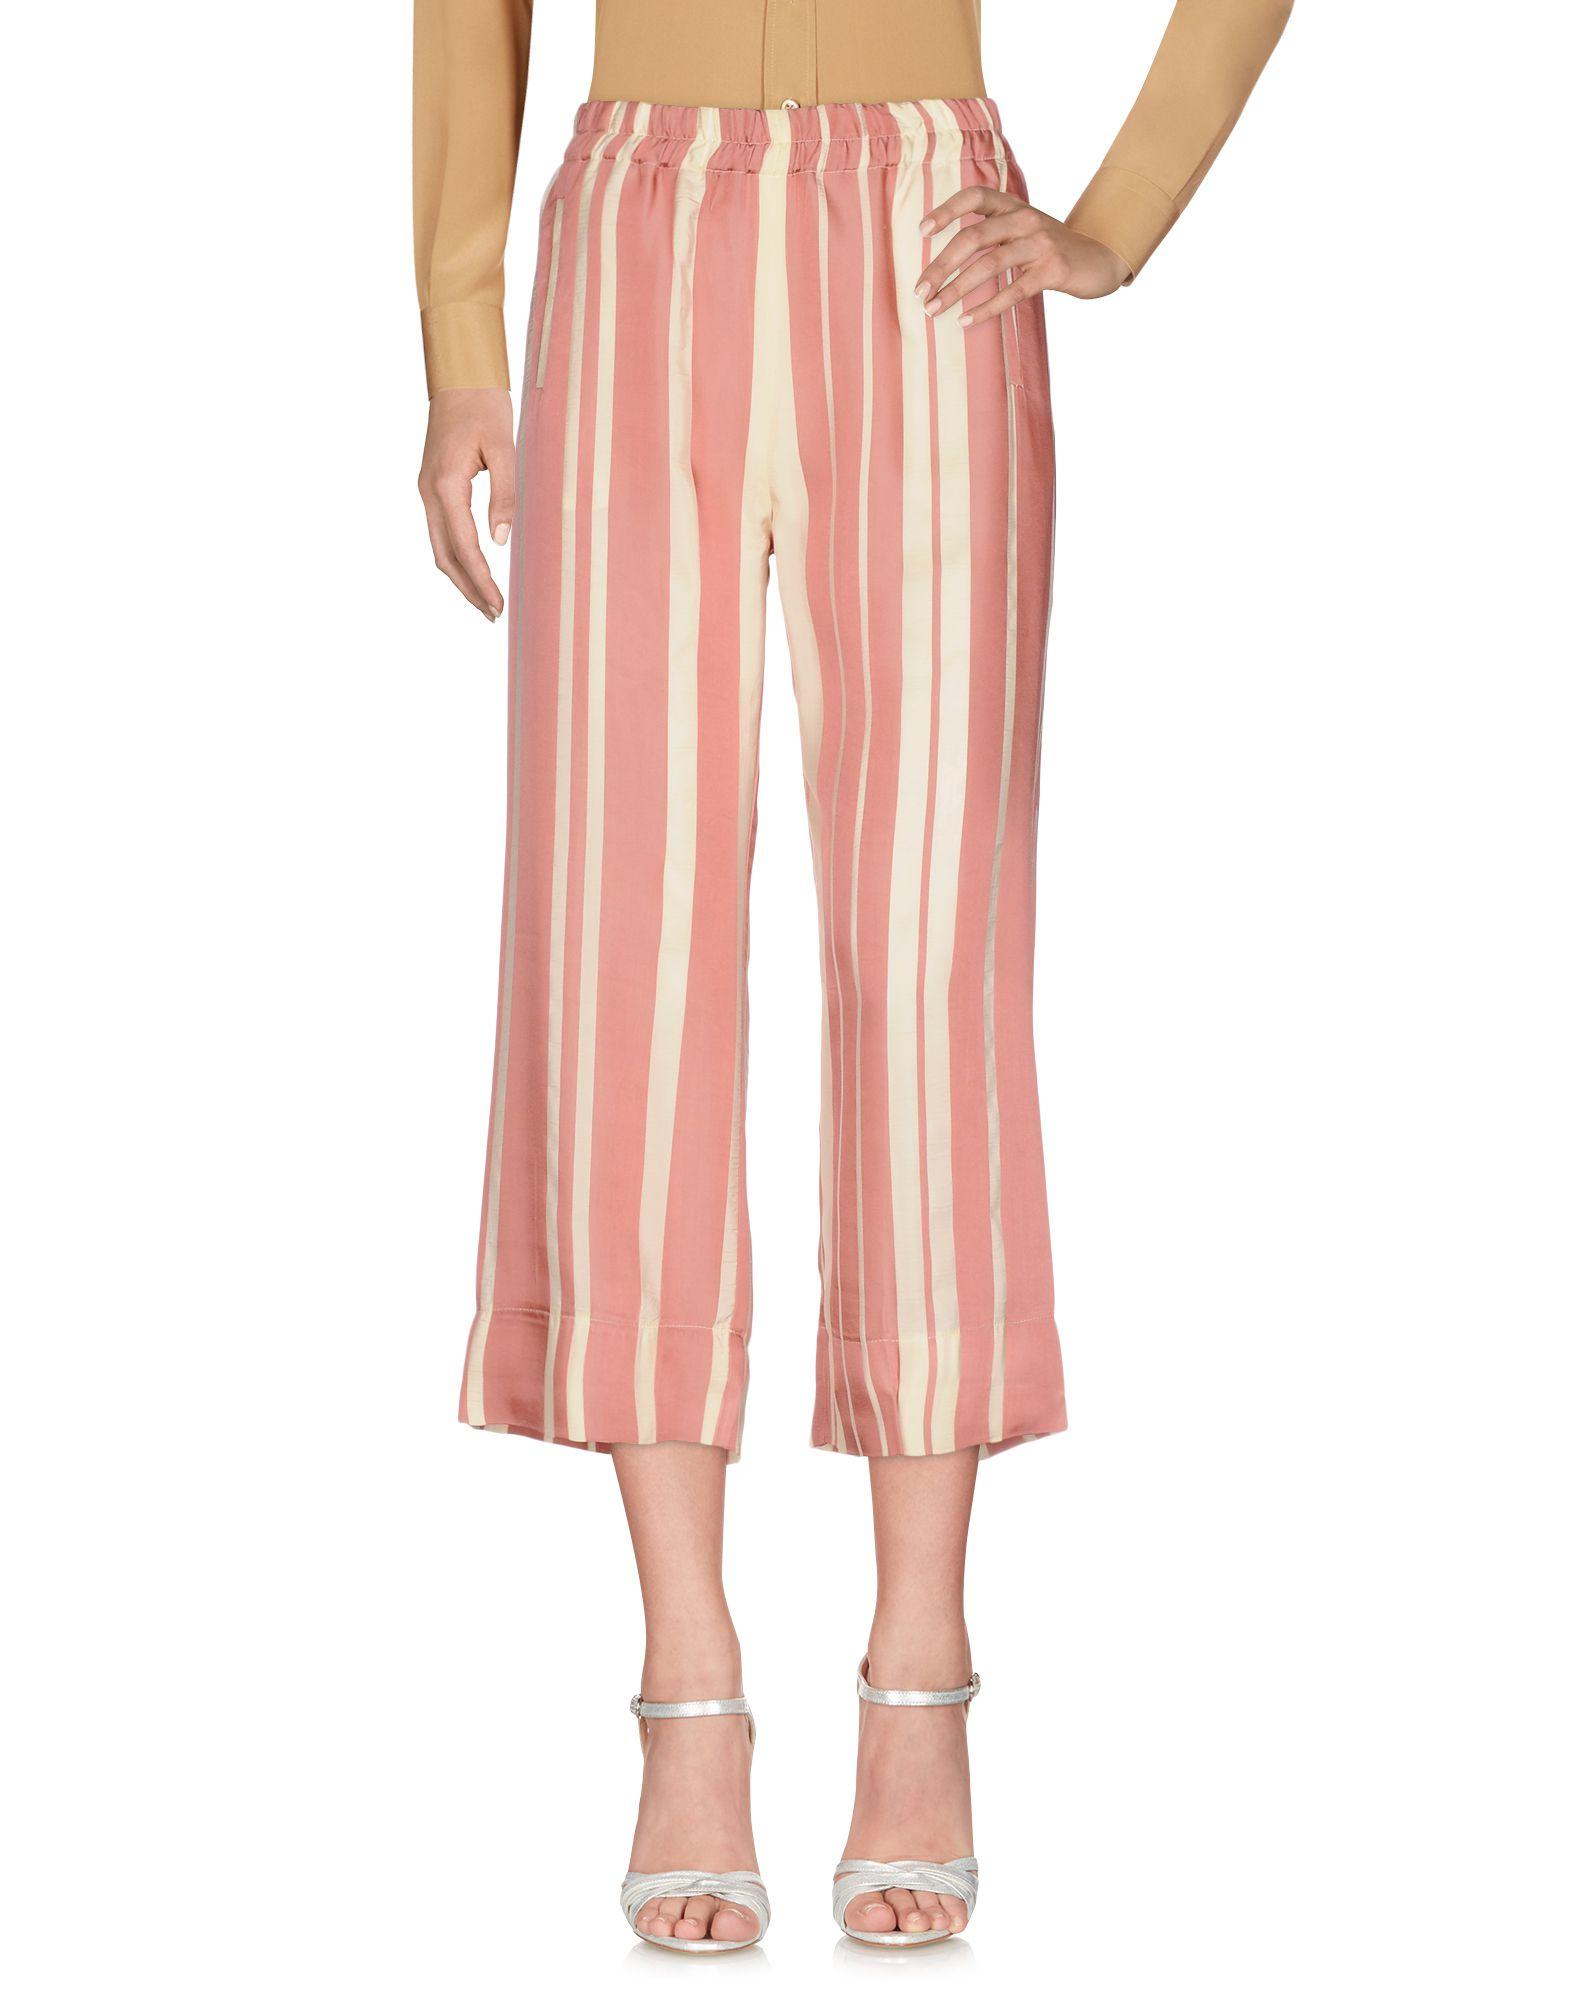 Pantalone Dritto True Nyc. Donna - Acquista online su ZAqtVwKK